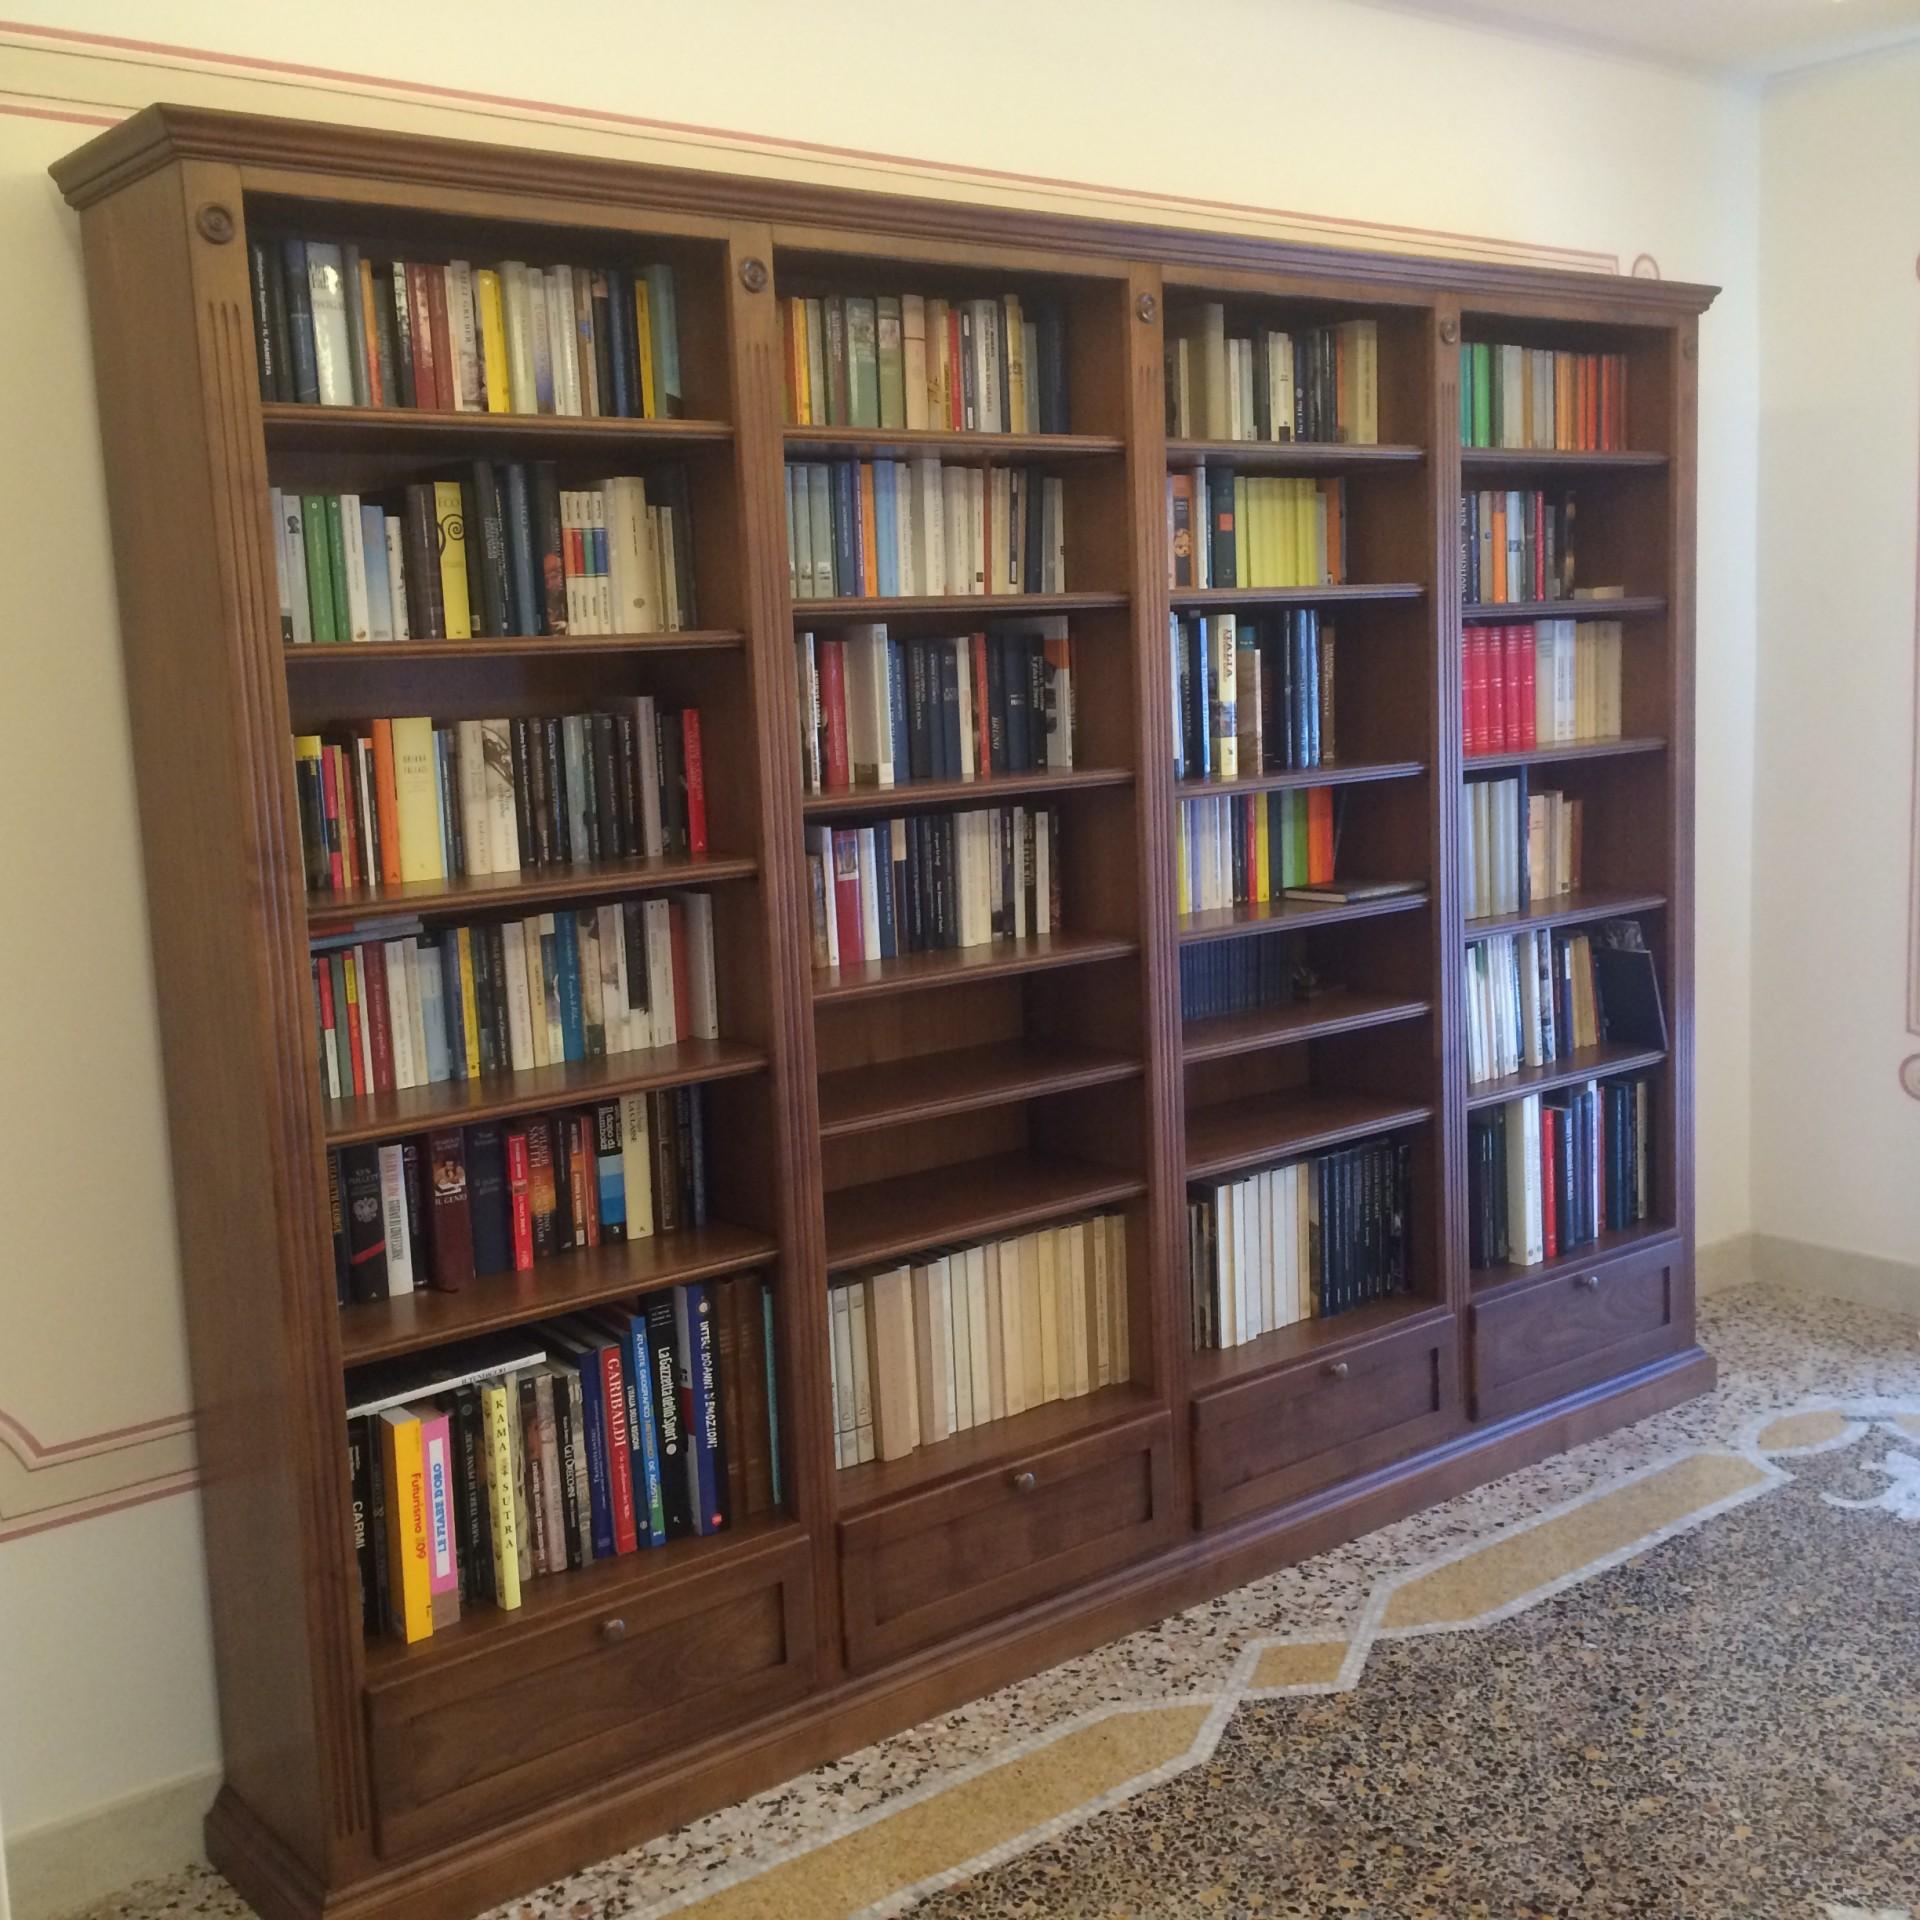 Libreria Fulvia Prezzo : Librerie in legno su misura fadini mobili cerea verona